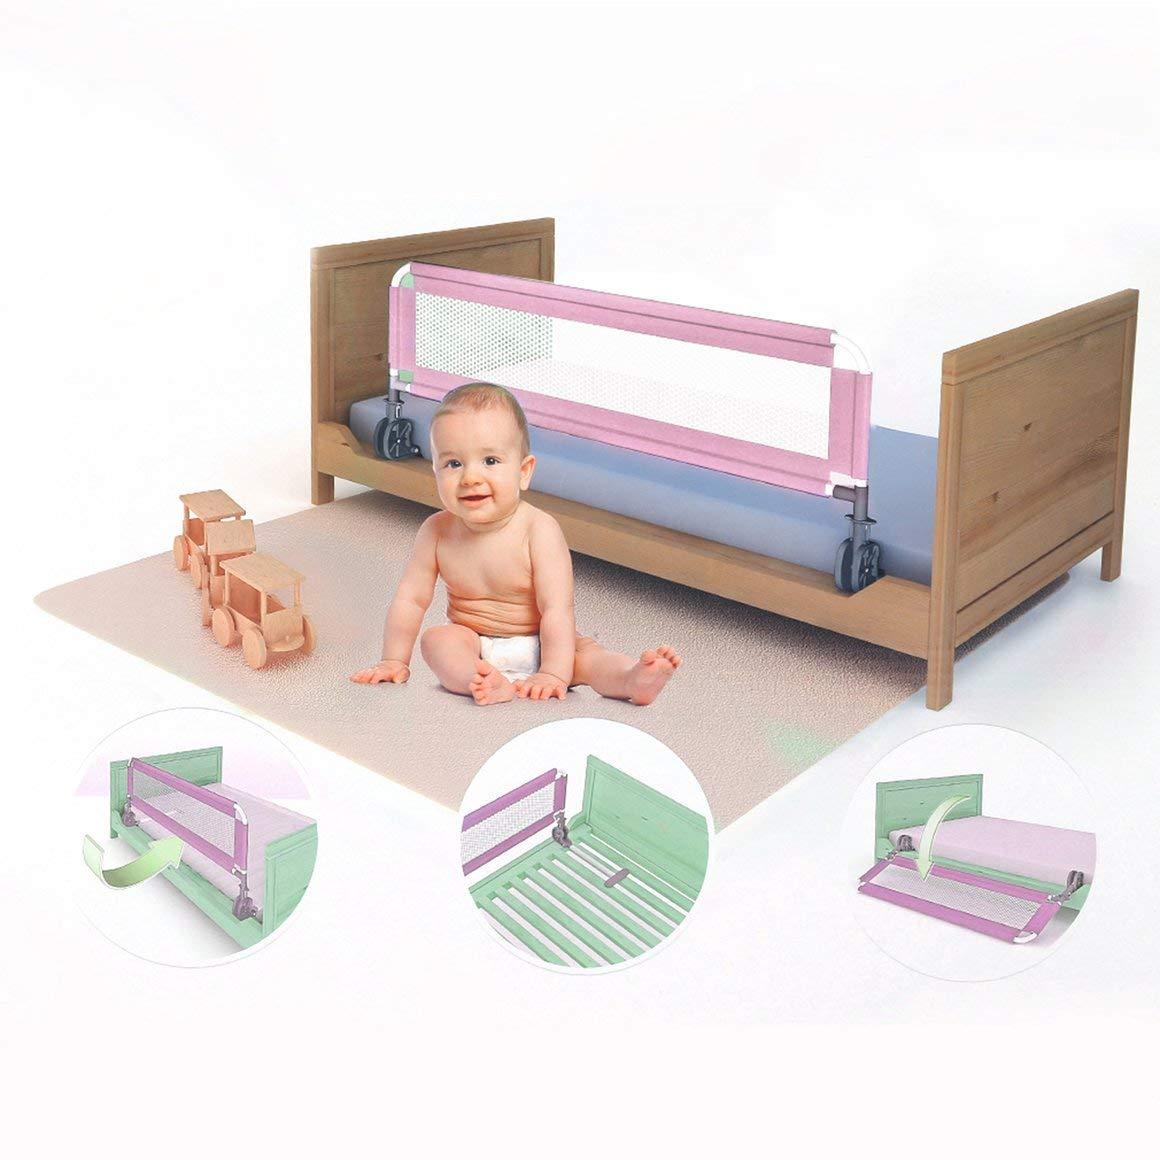 Funnyrunstore 1M Portatile per Beb/è Letto per Bambini parapetto Pieghevole per Bambini Recinzione griglia Sicurezza Sonno Guardia Protettiva Side bedrail